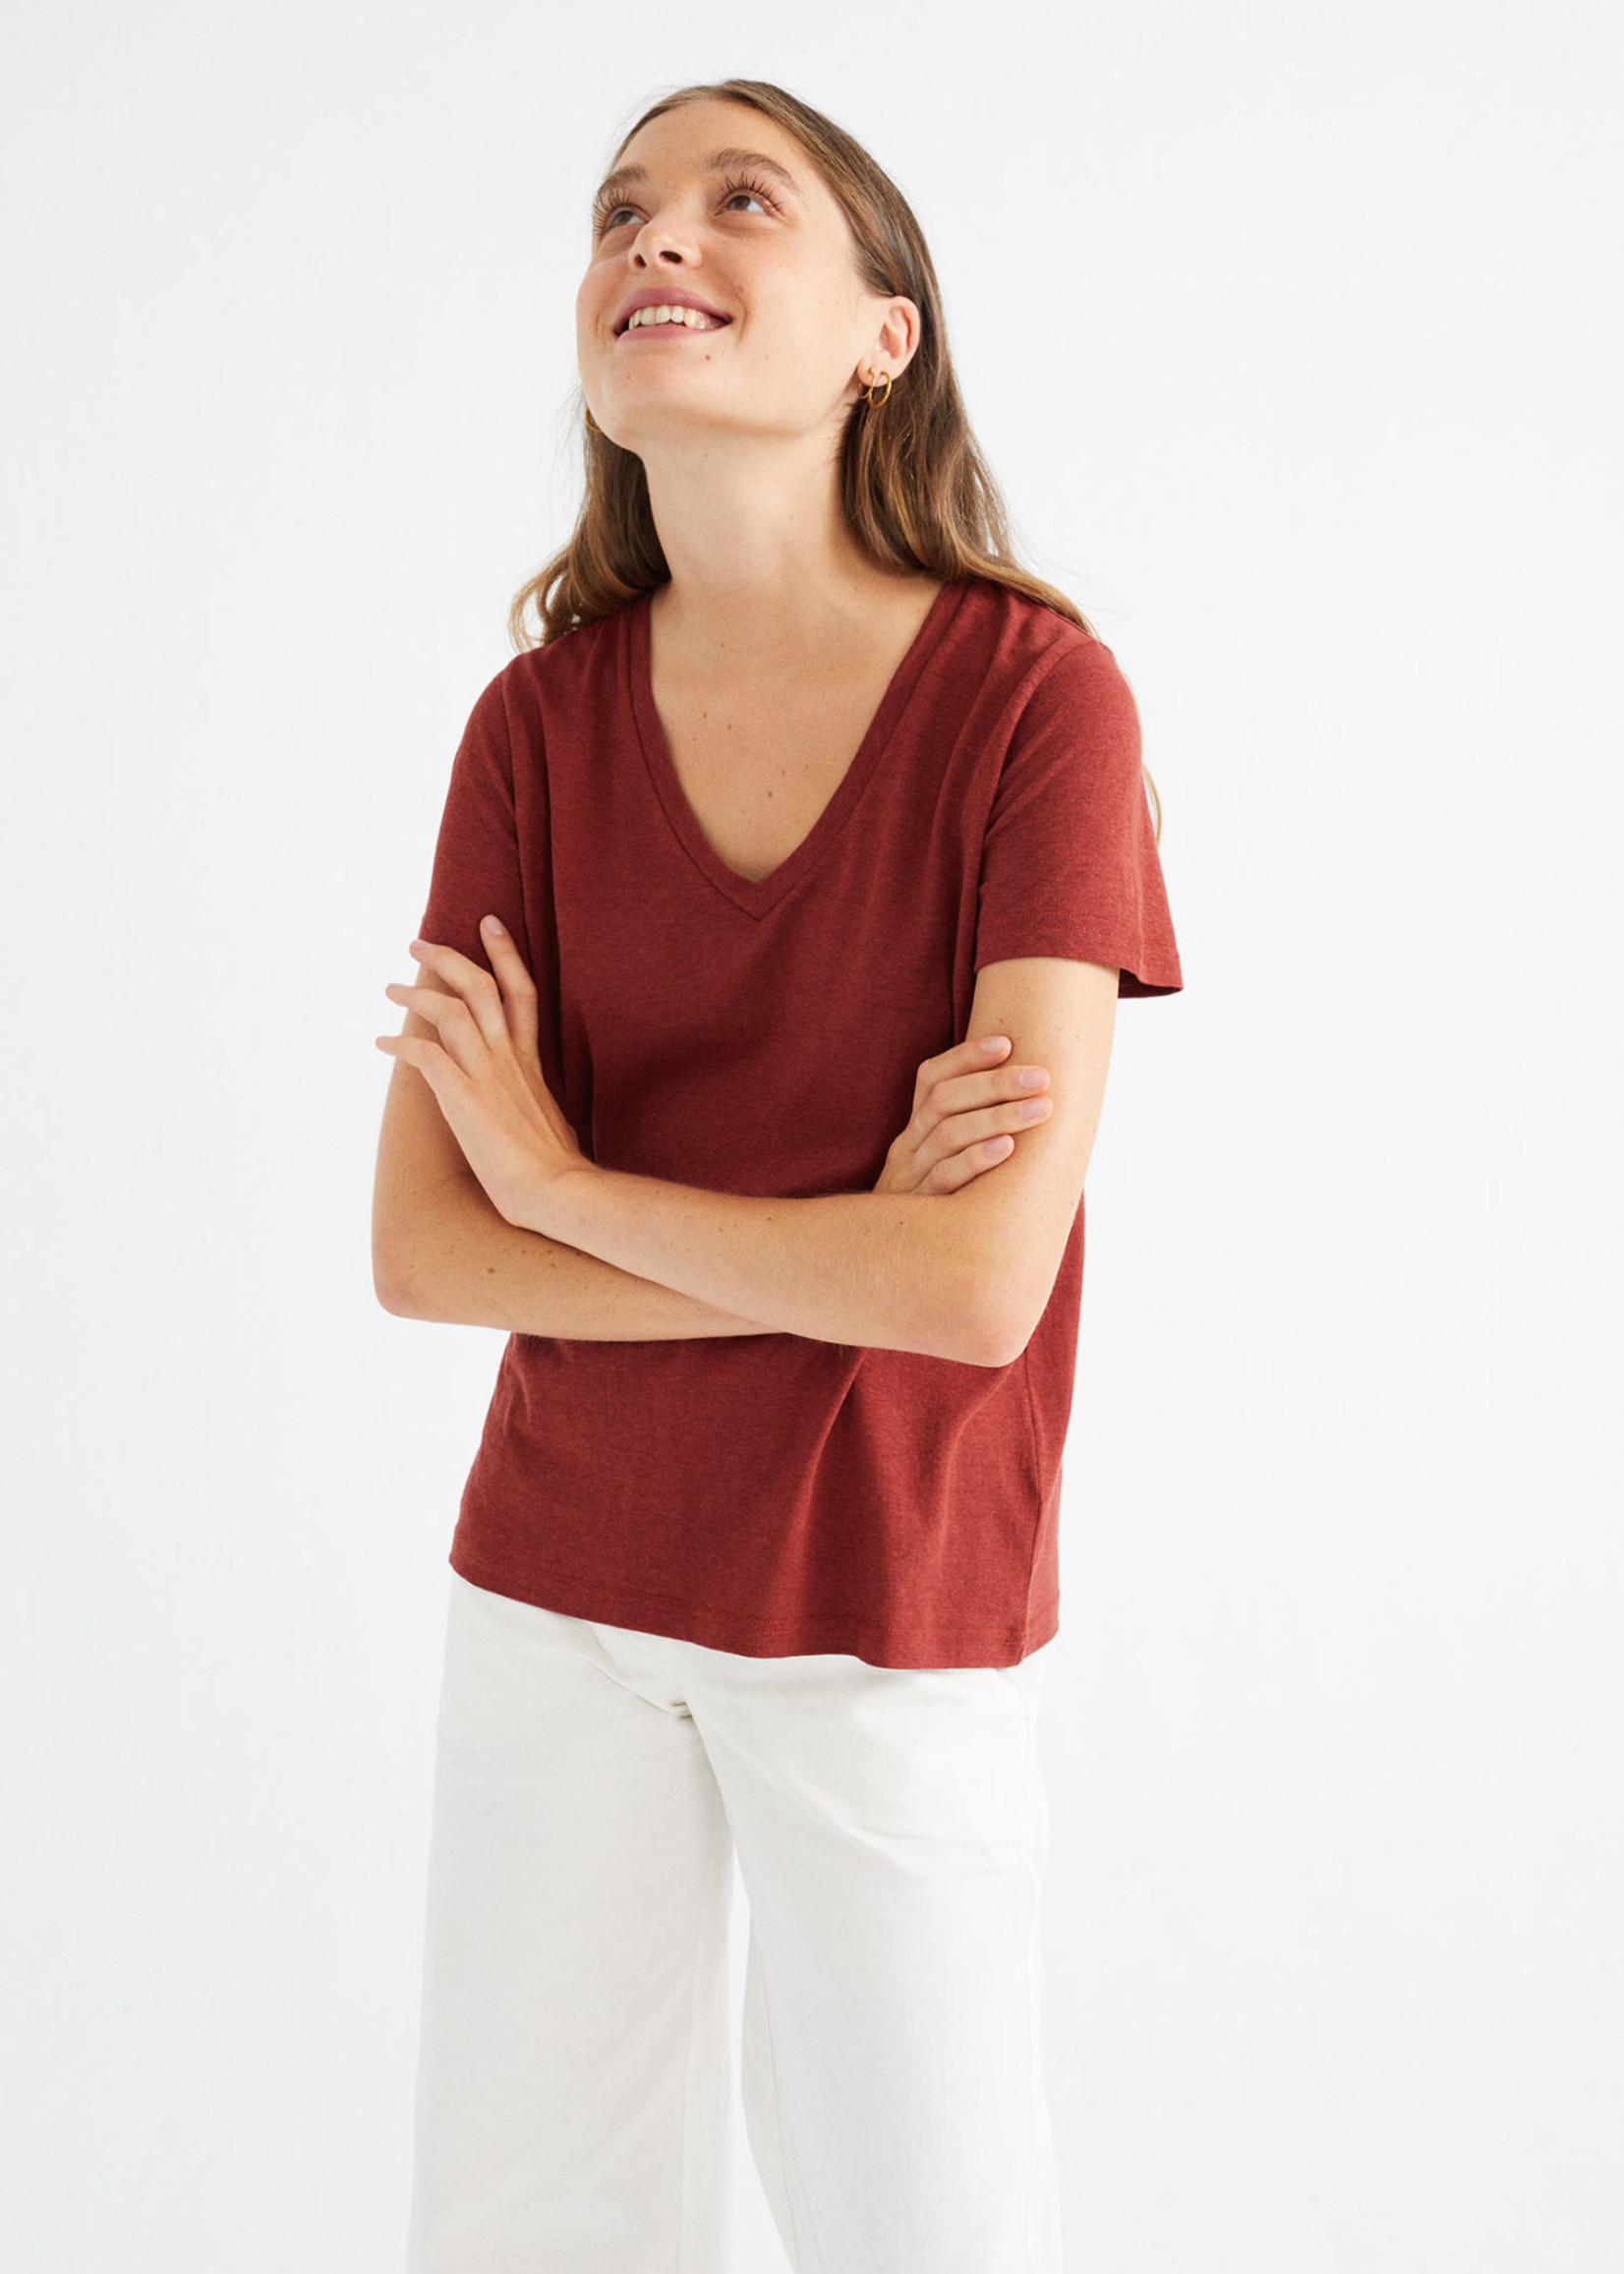 Thinking Mu Teja Hemp Clavel T-shirt